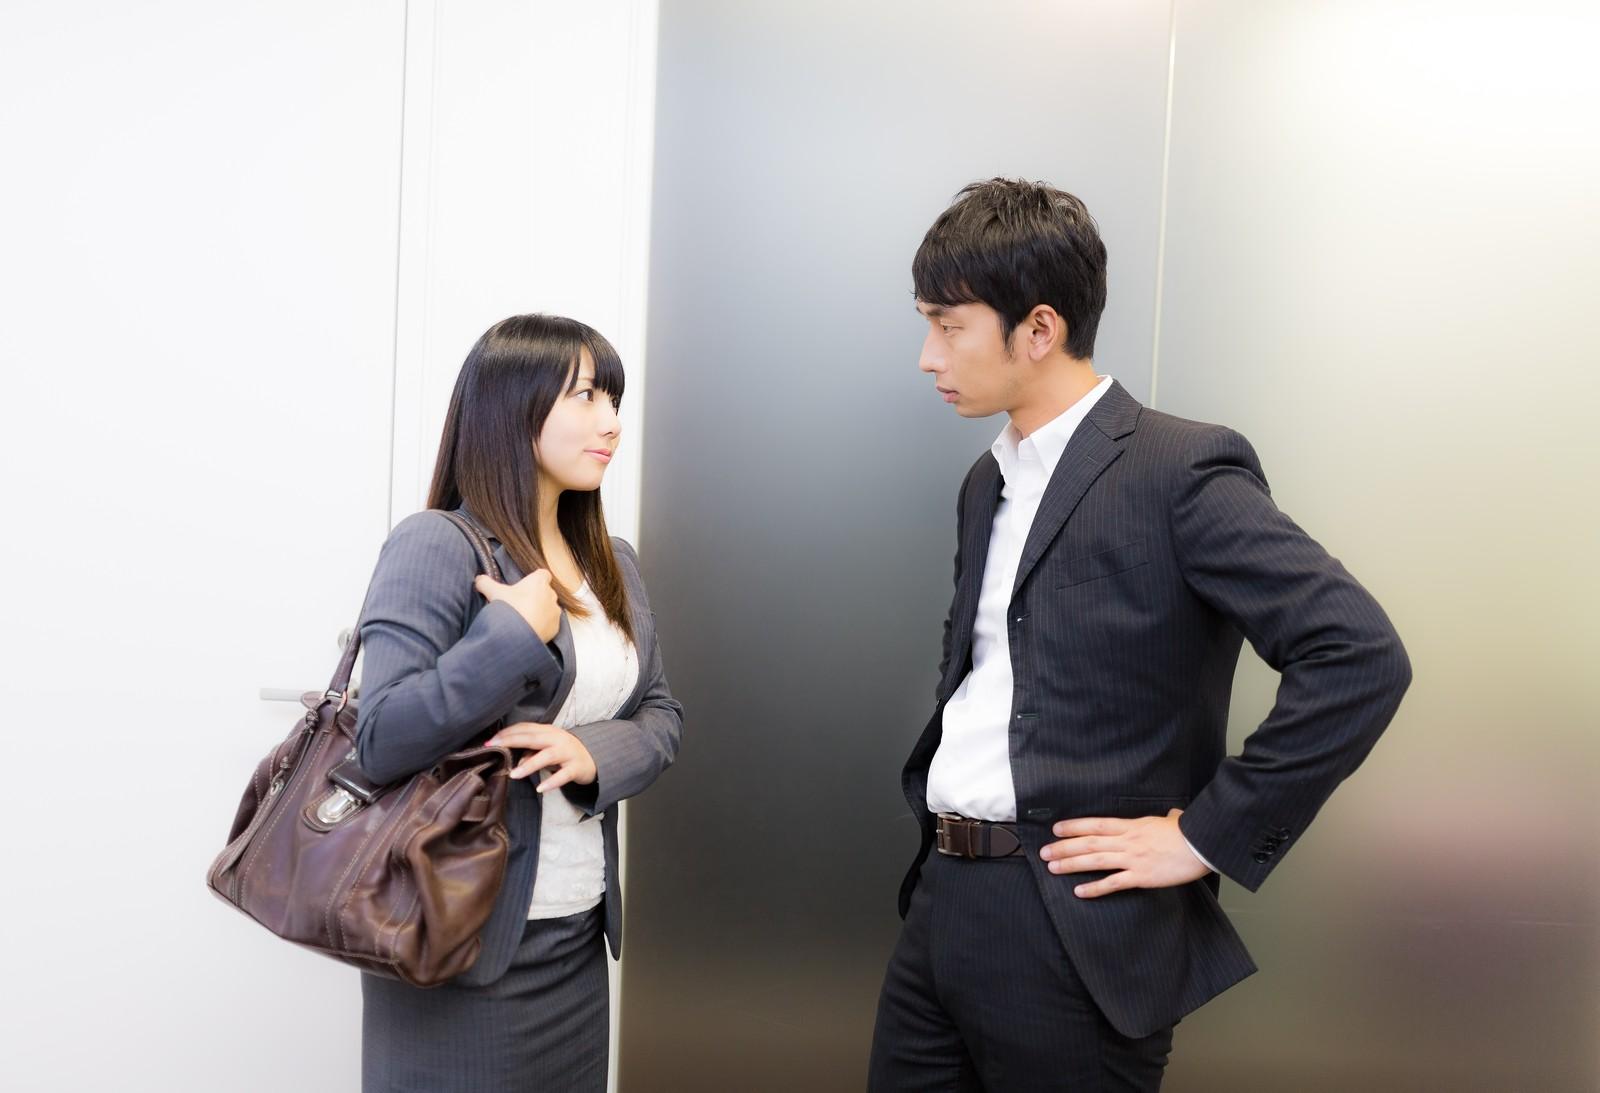 実際に多い!職場の女性が出す6つの脈ありサインとは?